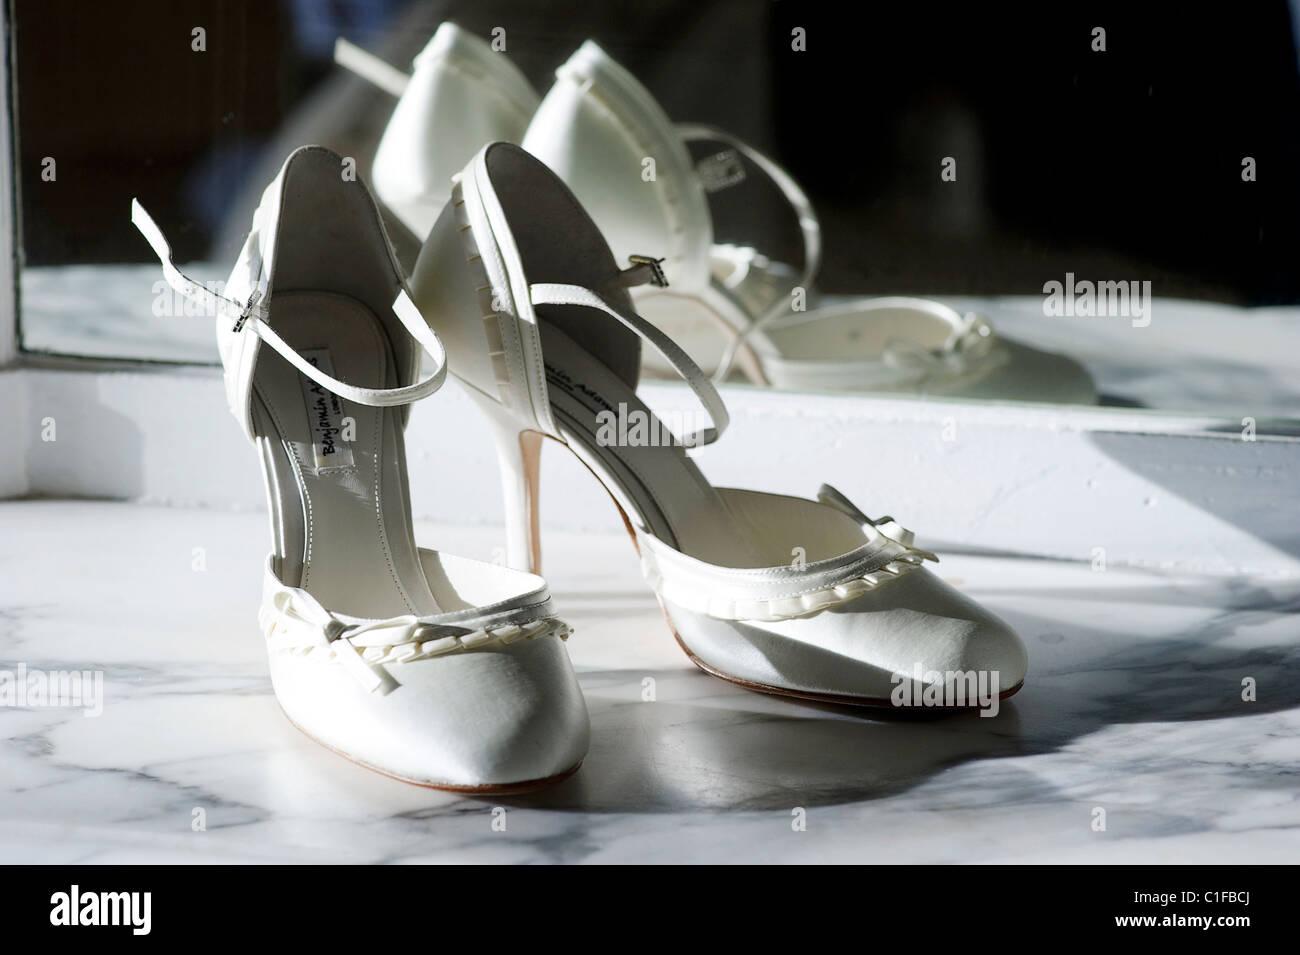 ae9c21c01d85 paar weiße Creme farbige Stiletto Hochzeit Brautschuhe auf einem Marmor  Regal gegen einen Spiegel